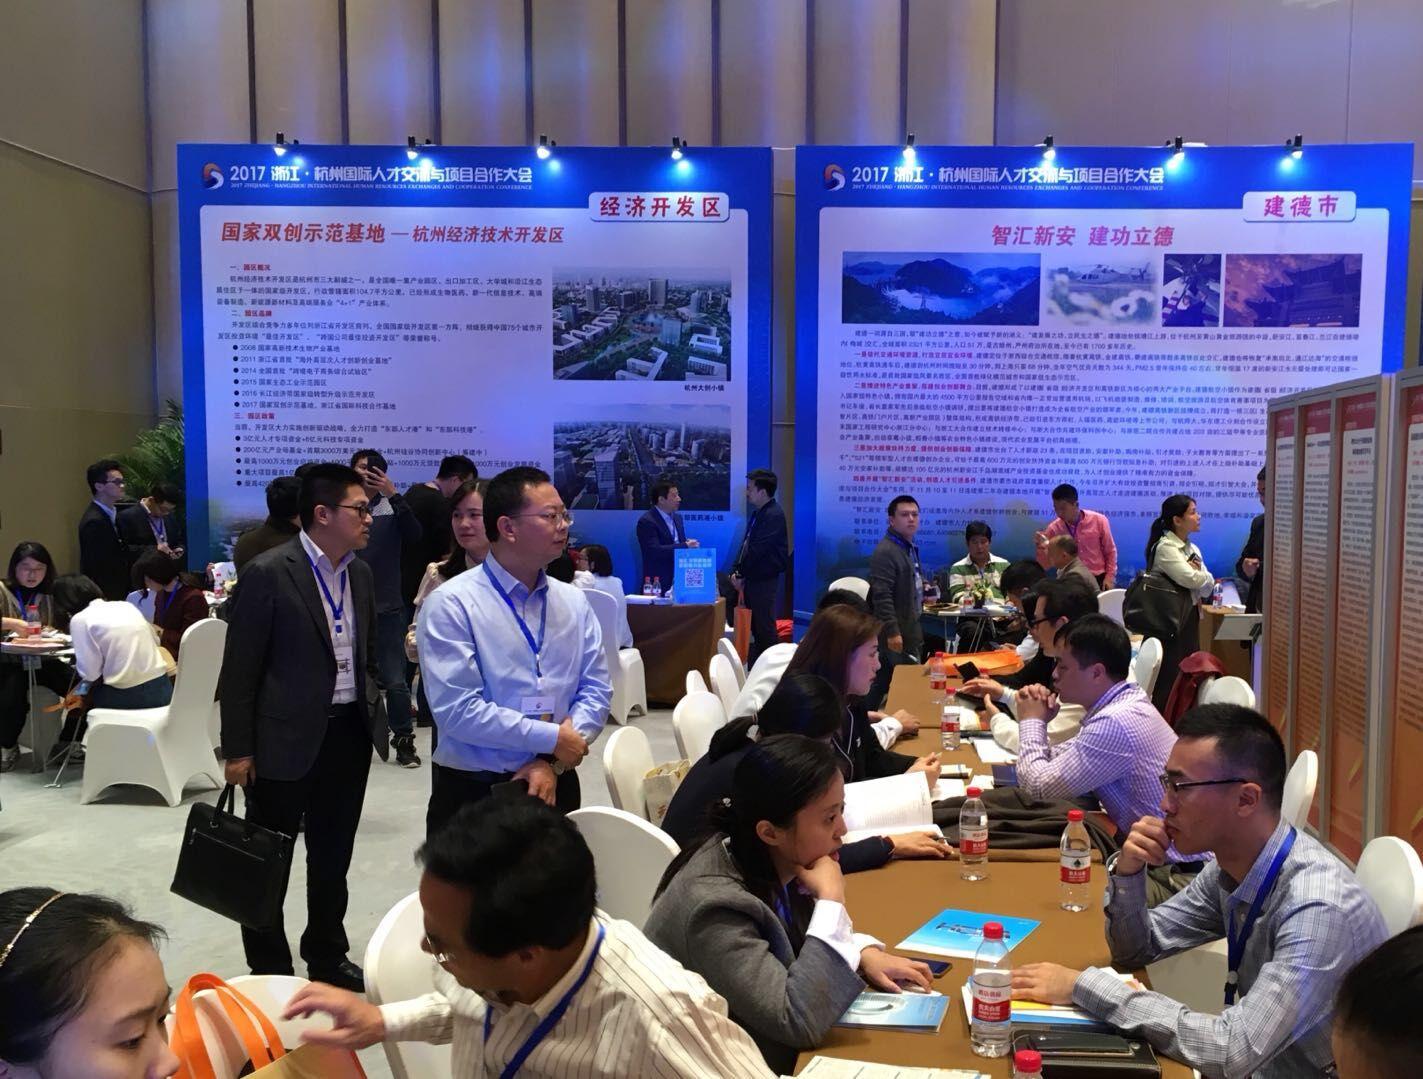 我区组团赴杭参加浙江·杭州国际人才交流与项目合作大会